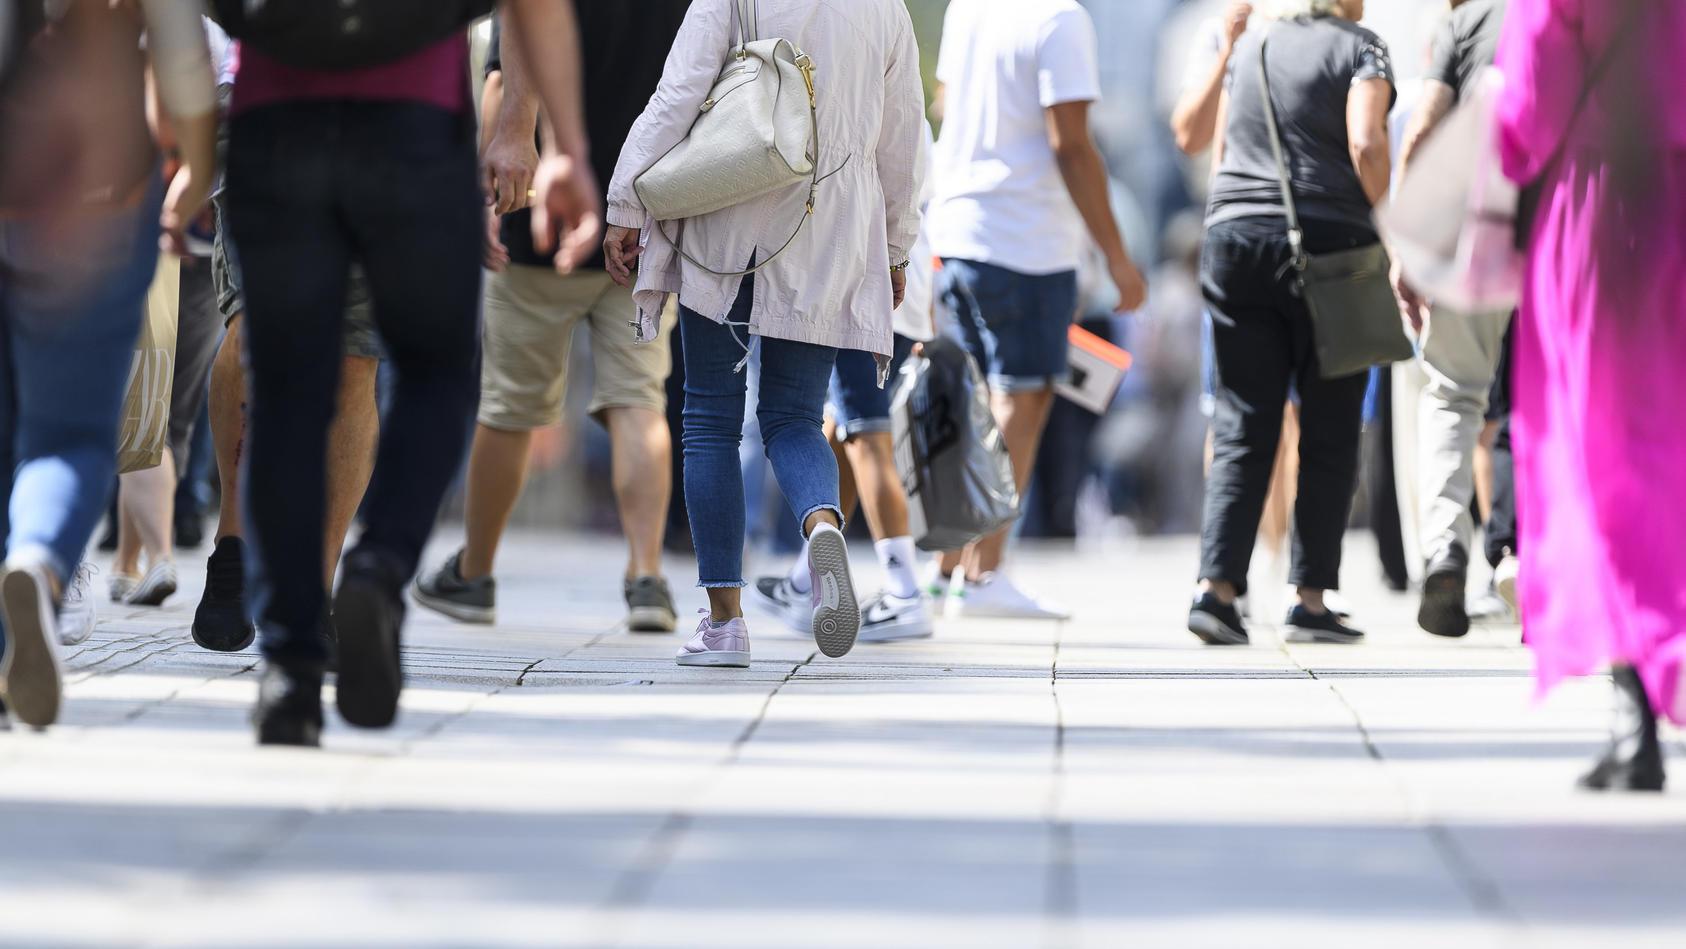 Die Gehgeschwindigkeit eines Menschen gibt laut einer Studie Aufschluss über sein biologisches Alter.